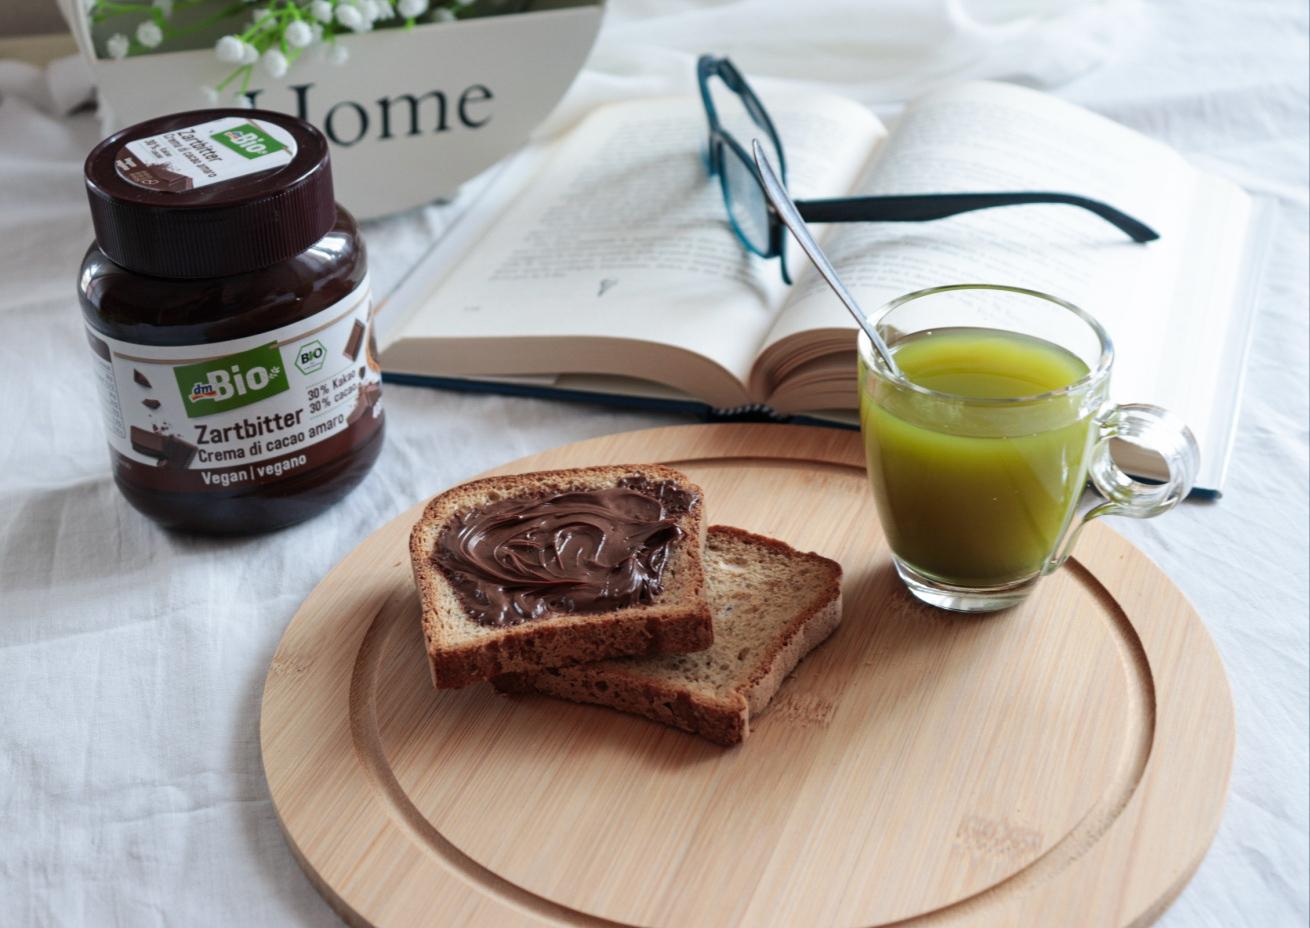 crema spalmabile al cacao amaro di dmBio